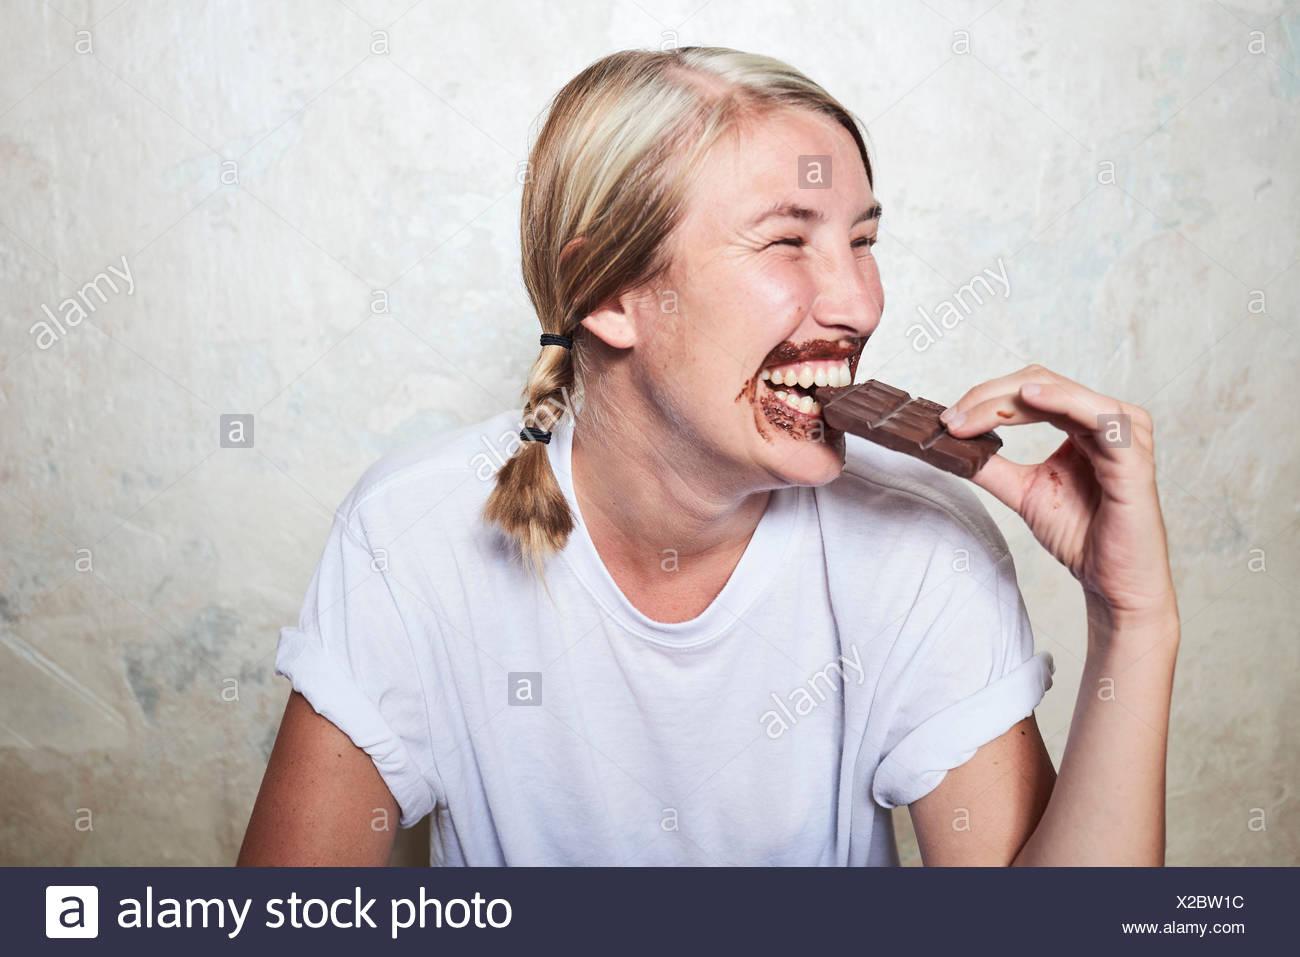 Mujer comiendo barra de chocolate, chocolate alrededor de la boca, riendo Imagen De Stock